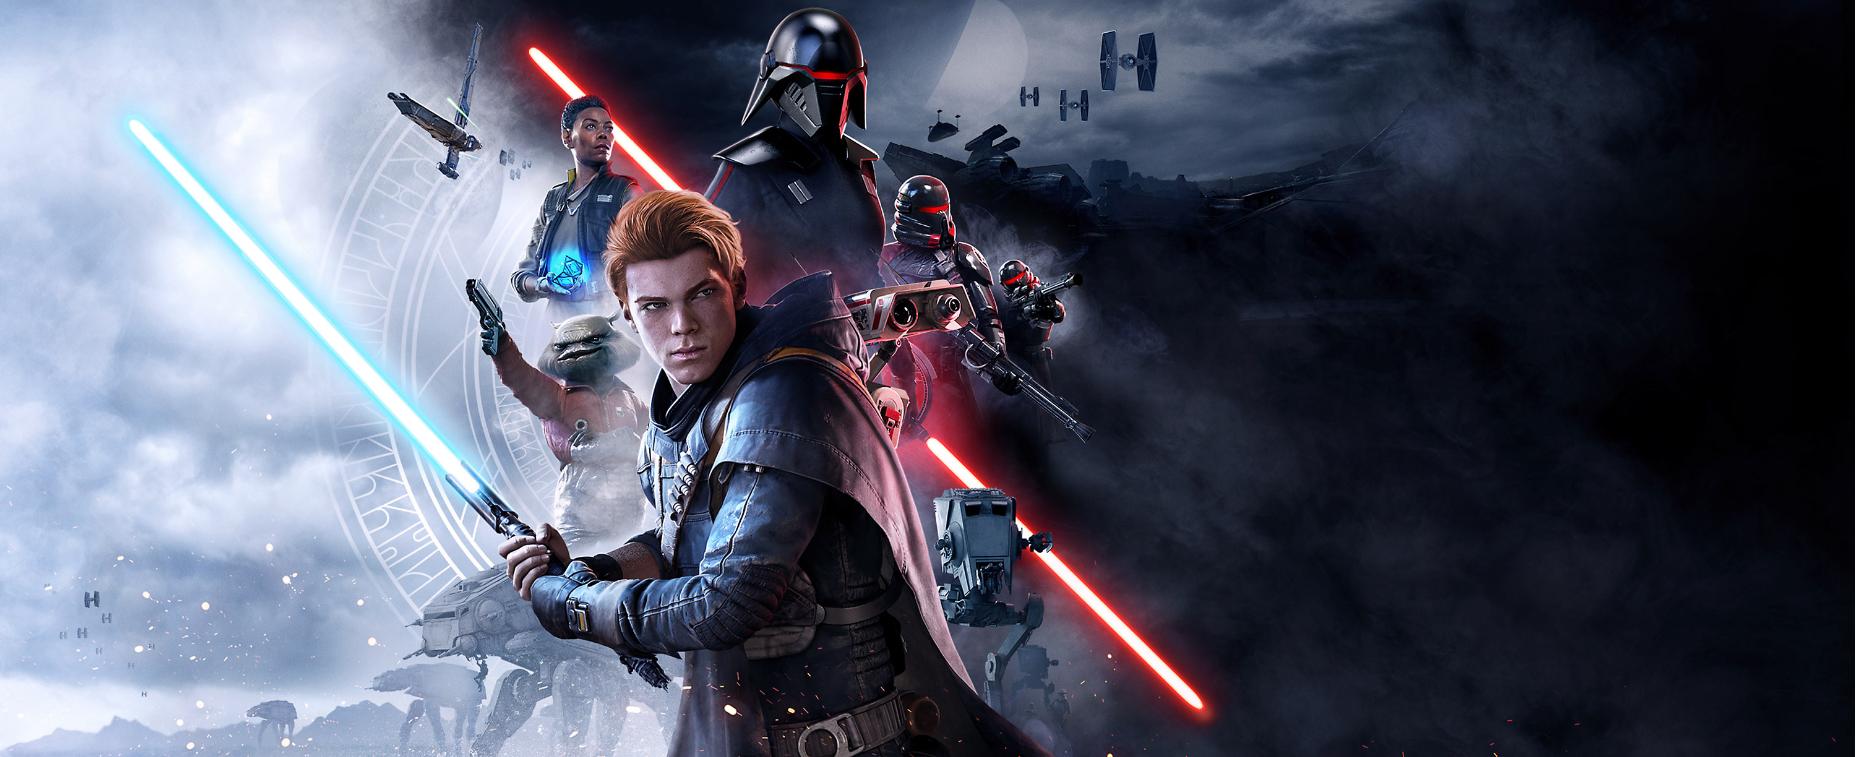 Star Wars Jedi: Fallen Order Hakkında Tüm Bilinenler, Çıkış Tarihi, Fiyatı